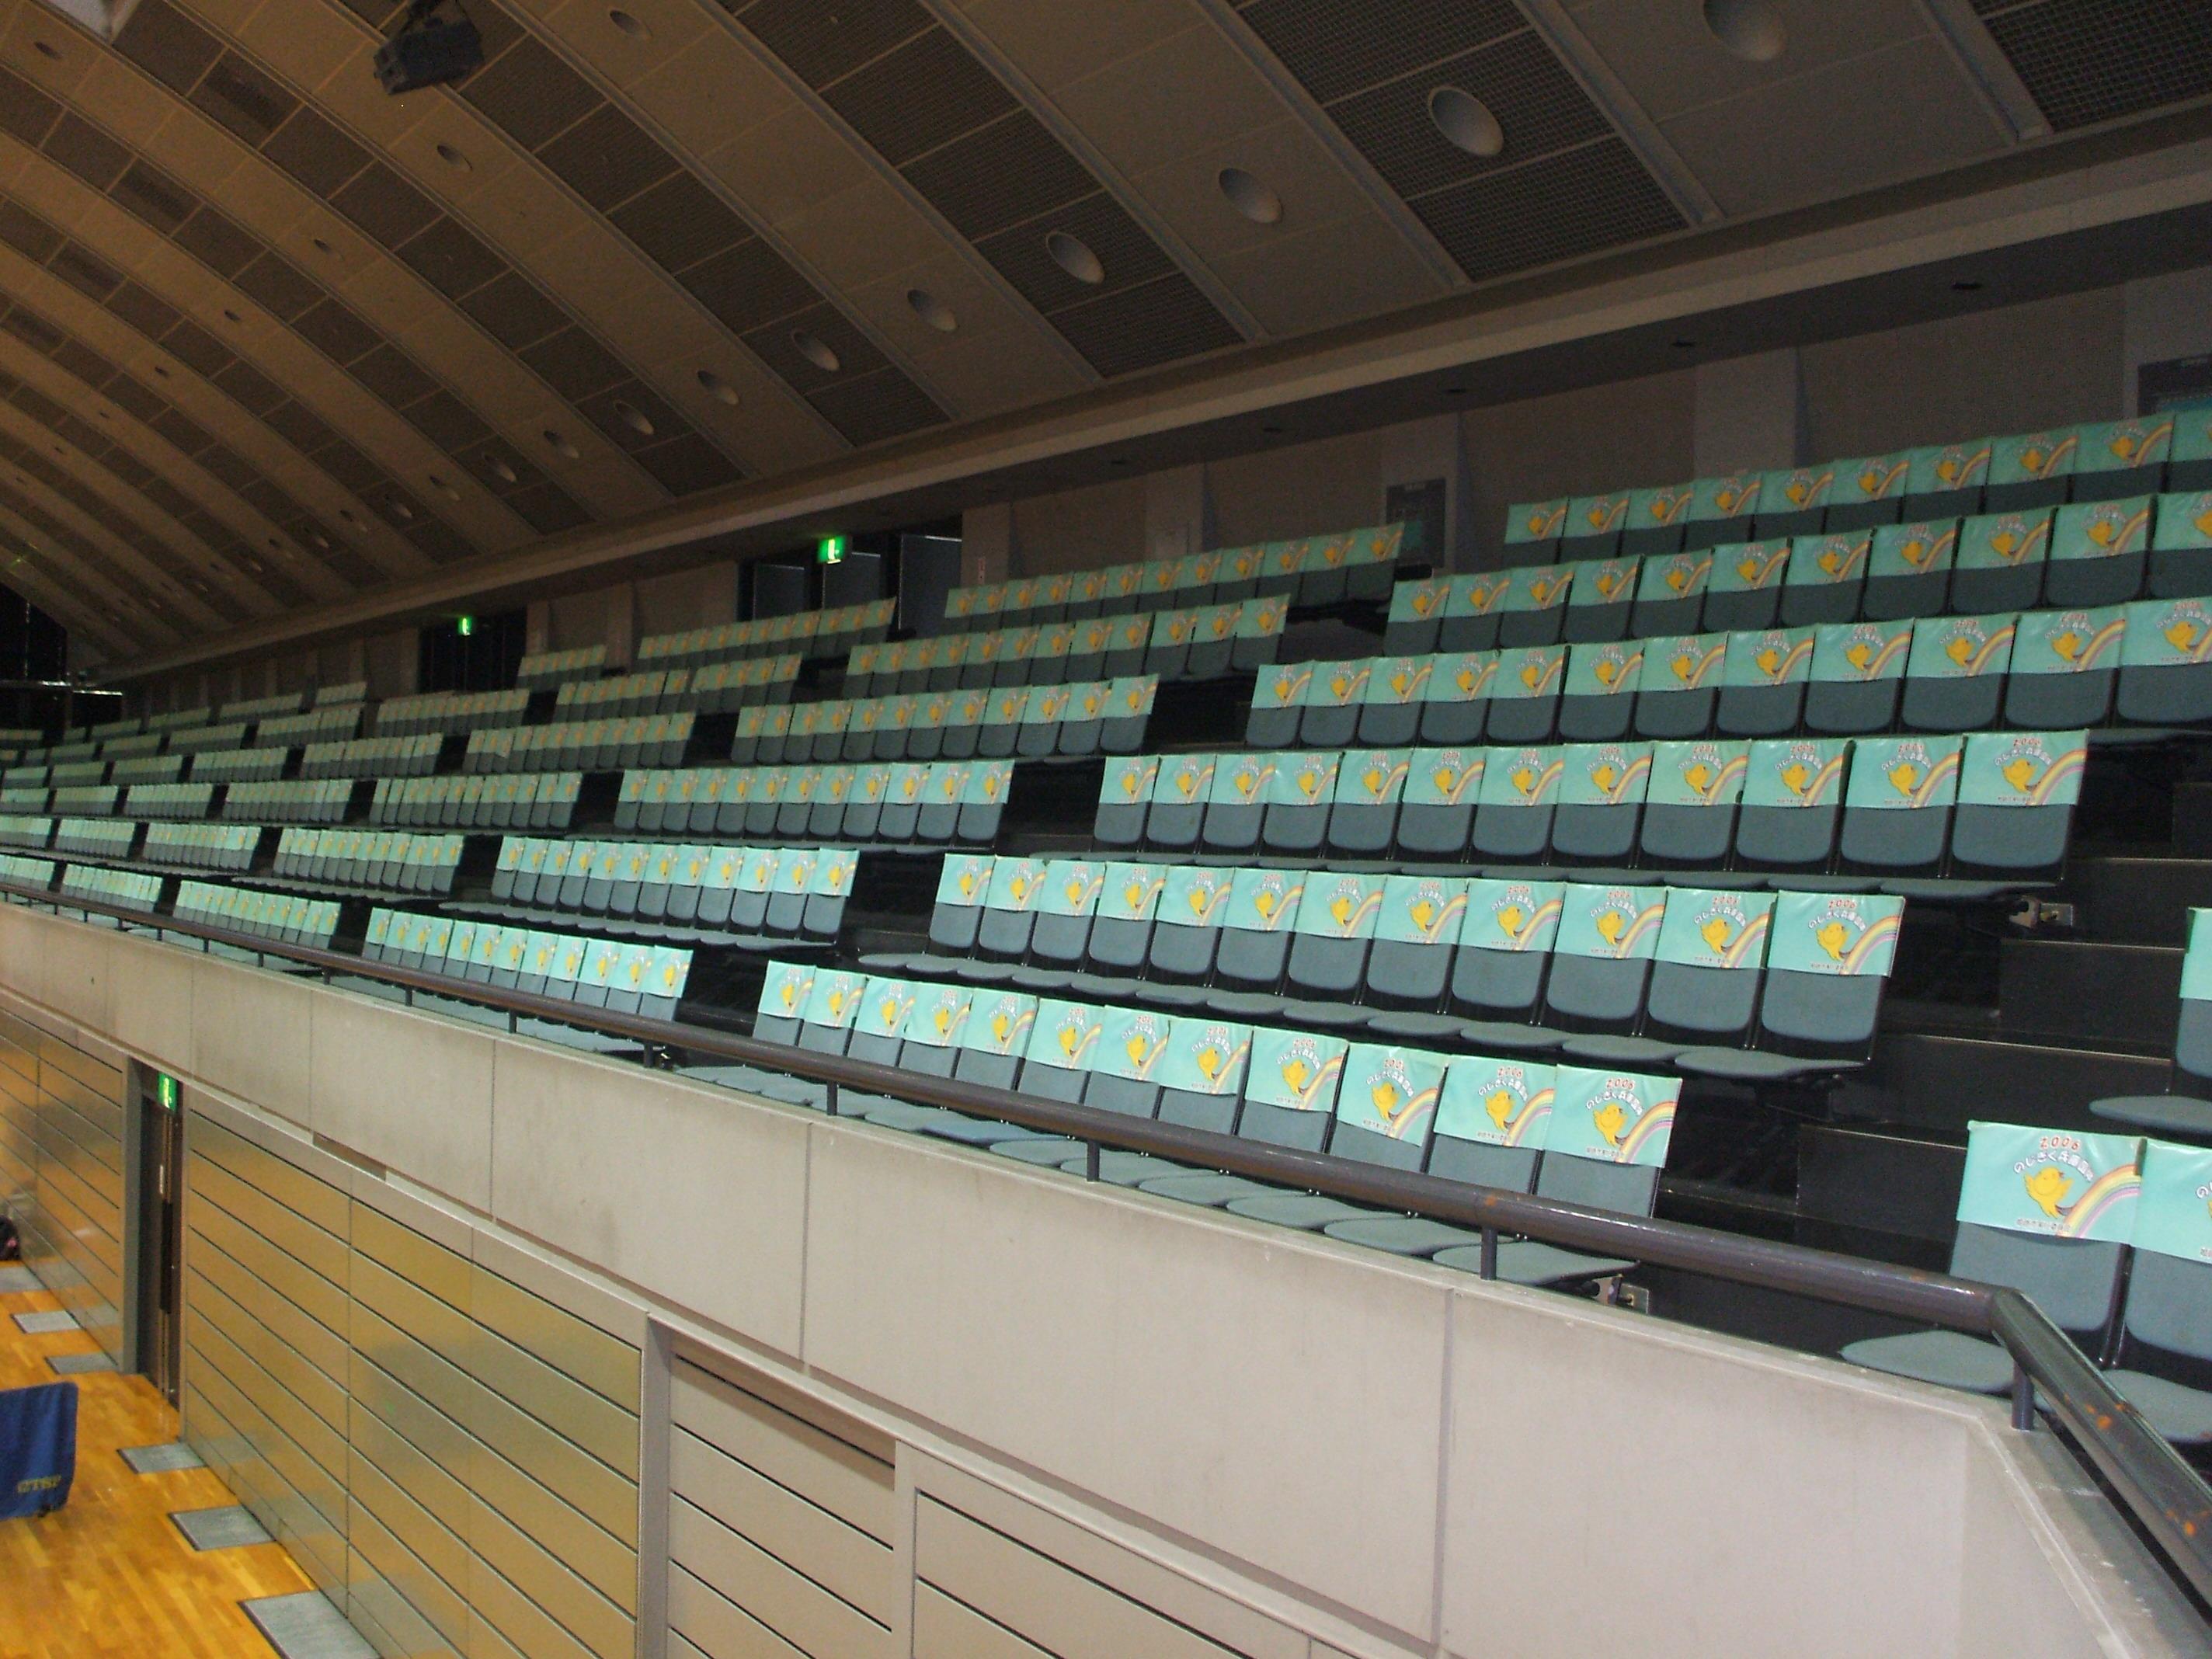 ヴィクトリーナ・ウインク2階観覧席画像